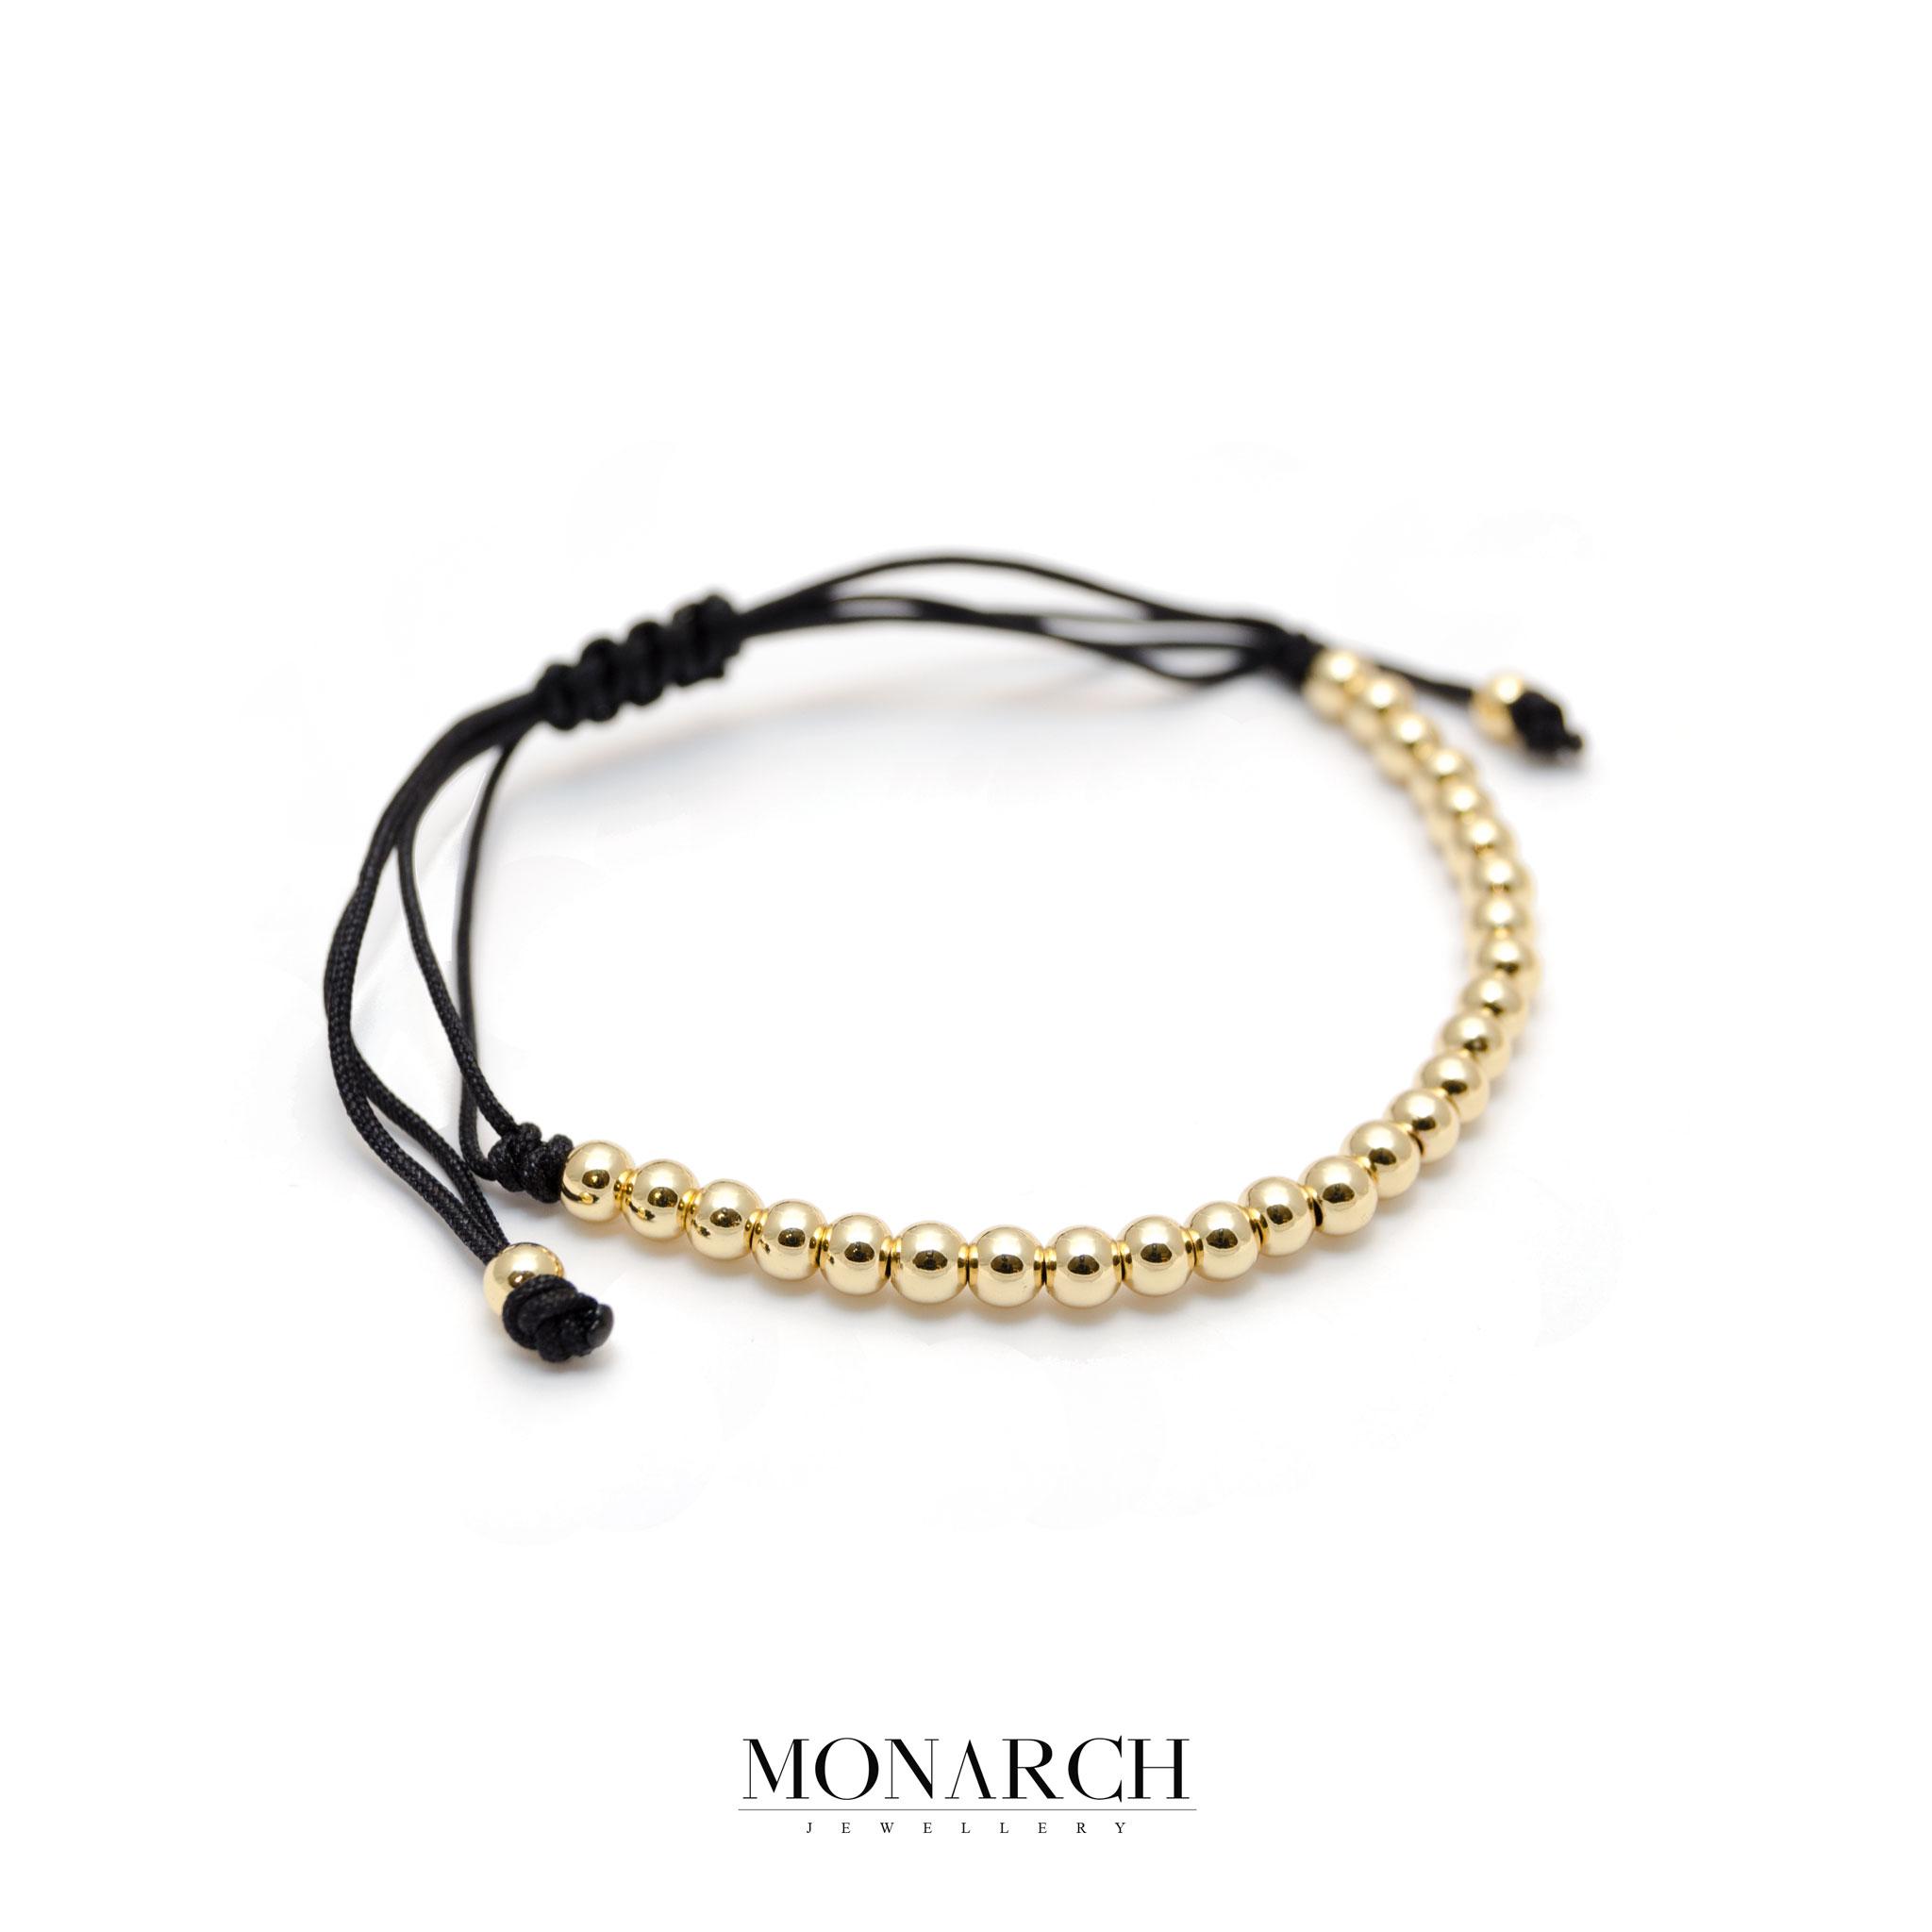 Monarch Jewellery 24k Gold Spectra Zircon Macrame Bracelet